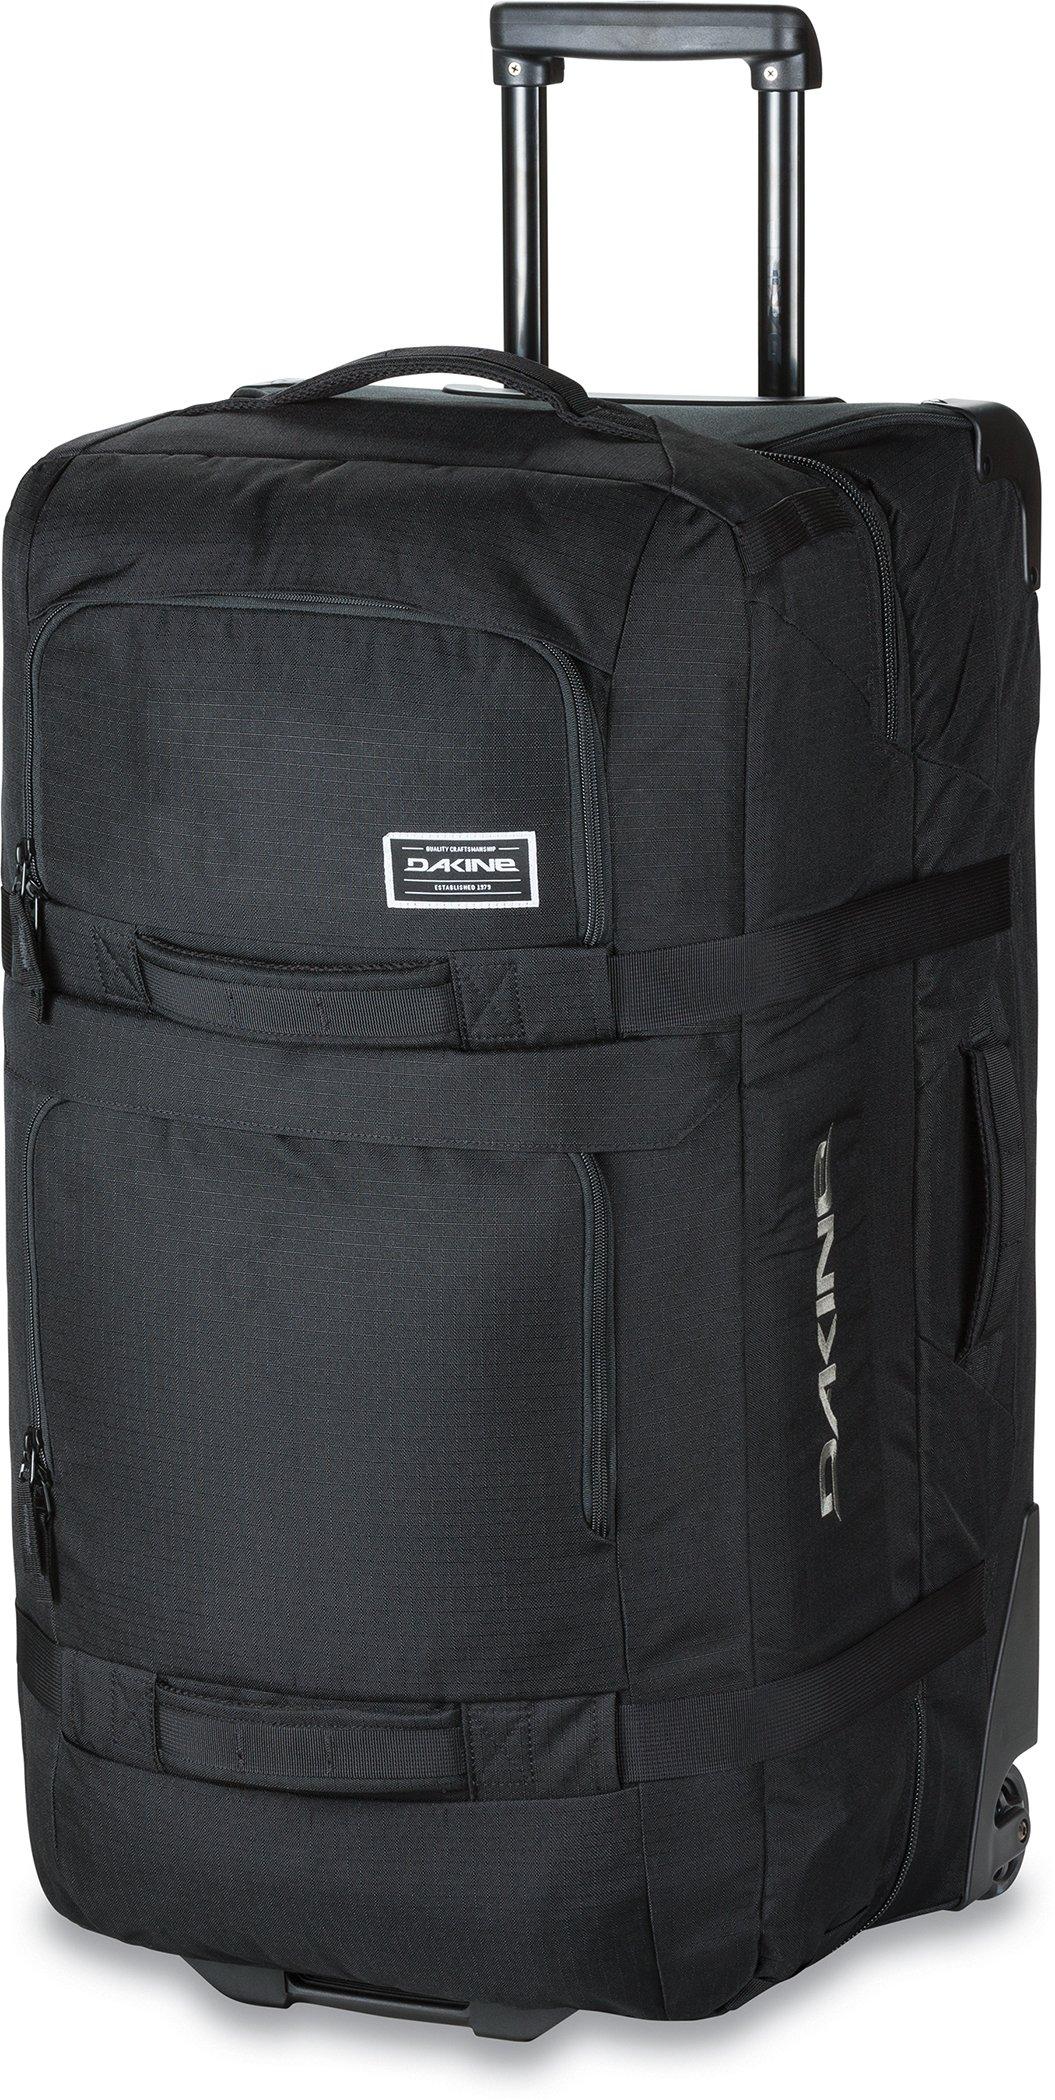 Dakine - Unisex Split Roller Luggage Bag - Durable Construction - Split-Wing Collapsible Brace Level - Exterior Quick Access Pockets (Black, 85L)